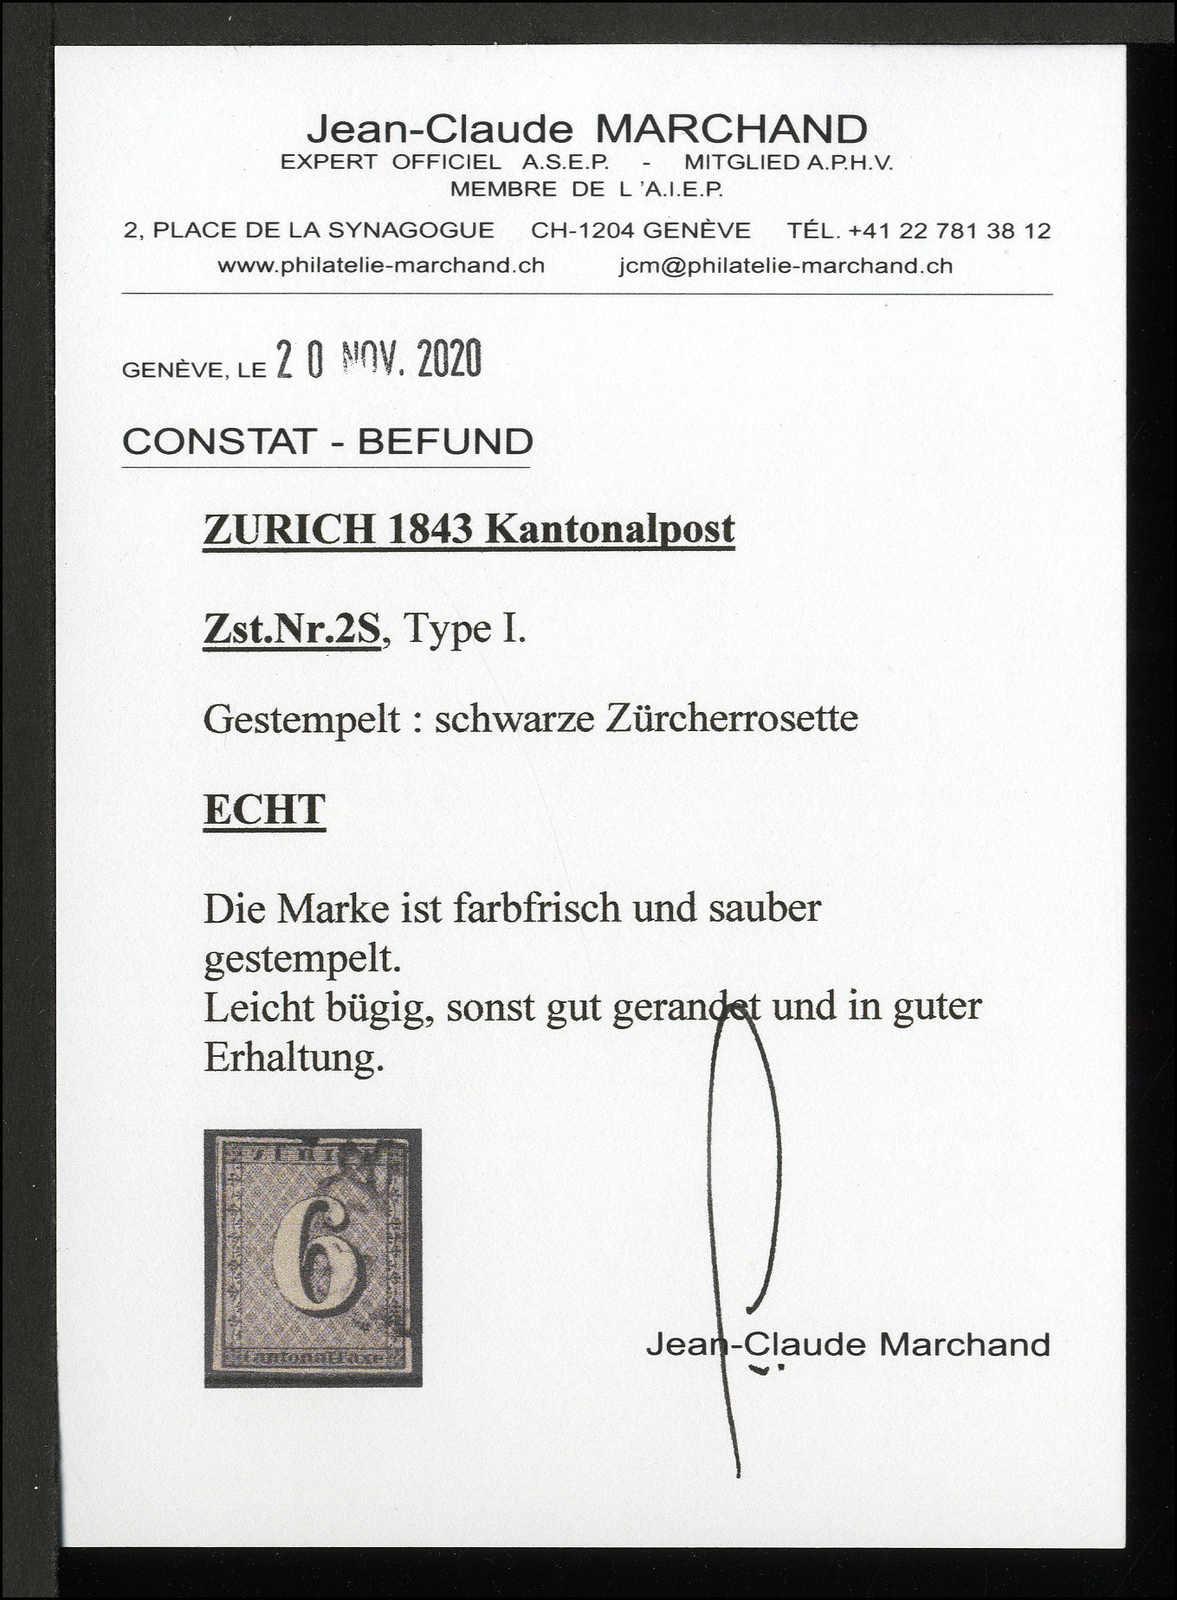 Lot 991 - schweiz schweiz kantone zürich -  Rolli Auctions Auction #68 Day 2